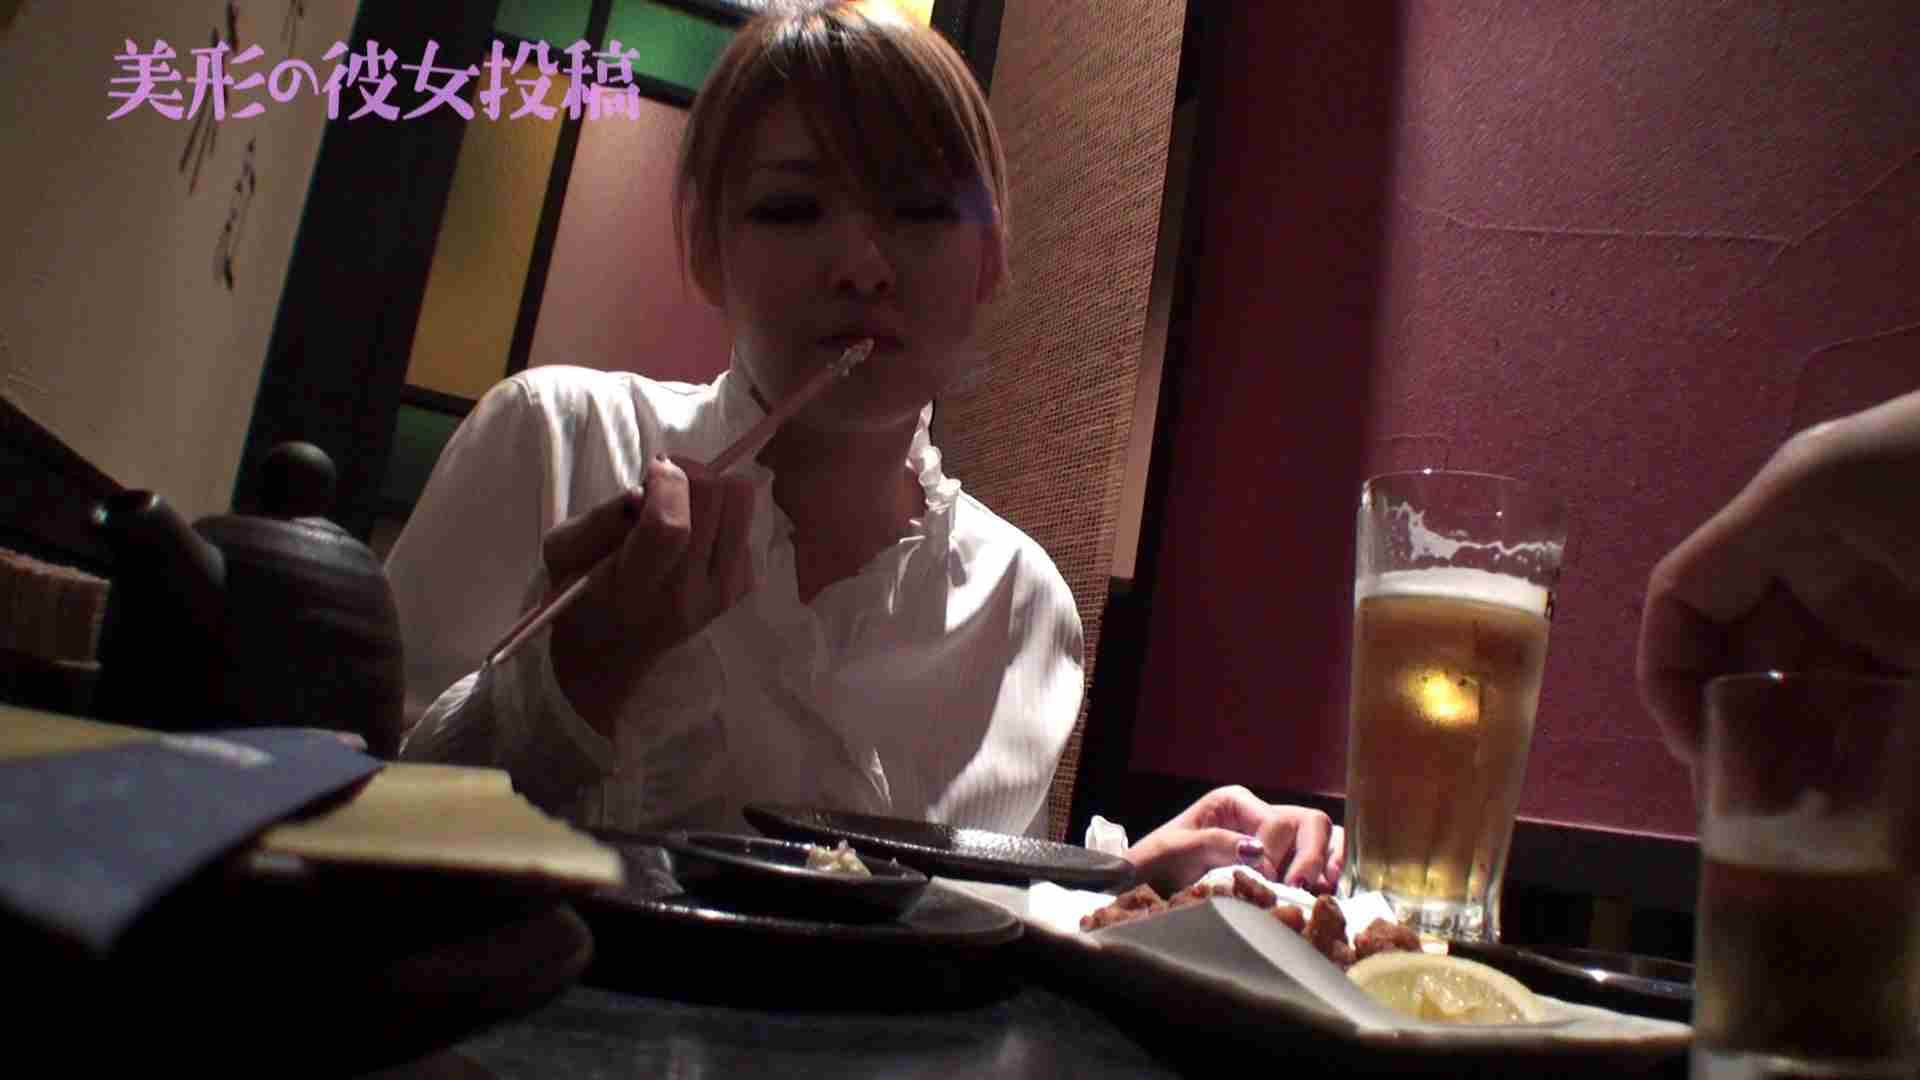 無修正エロ動画 超美形の彼女を投稿!!02 大奥